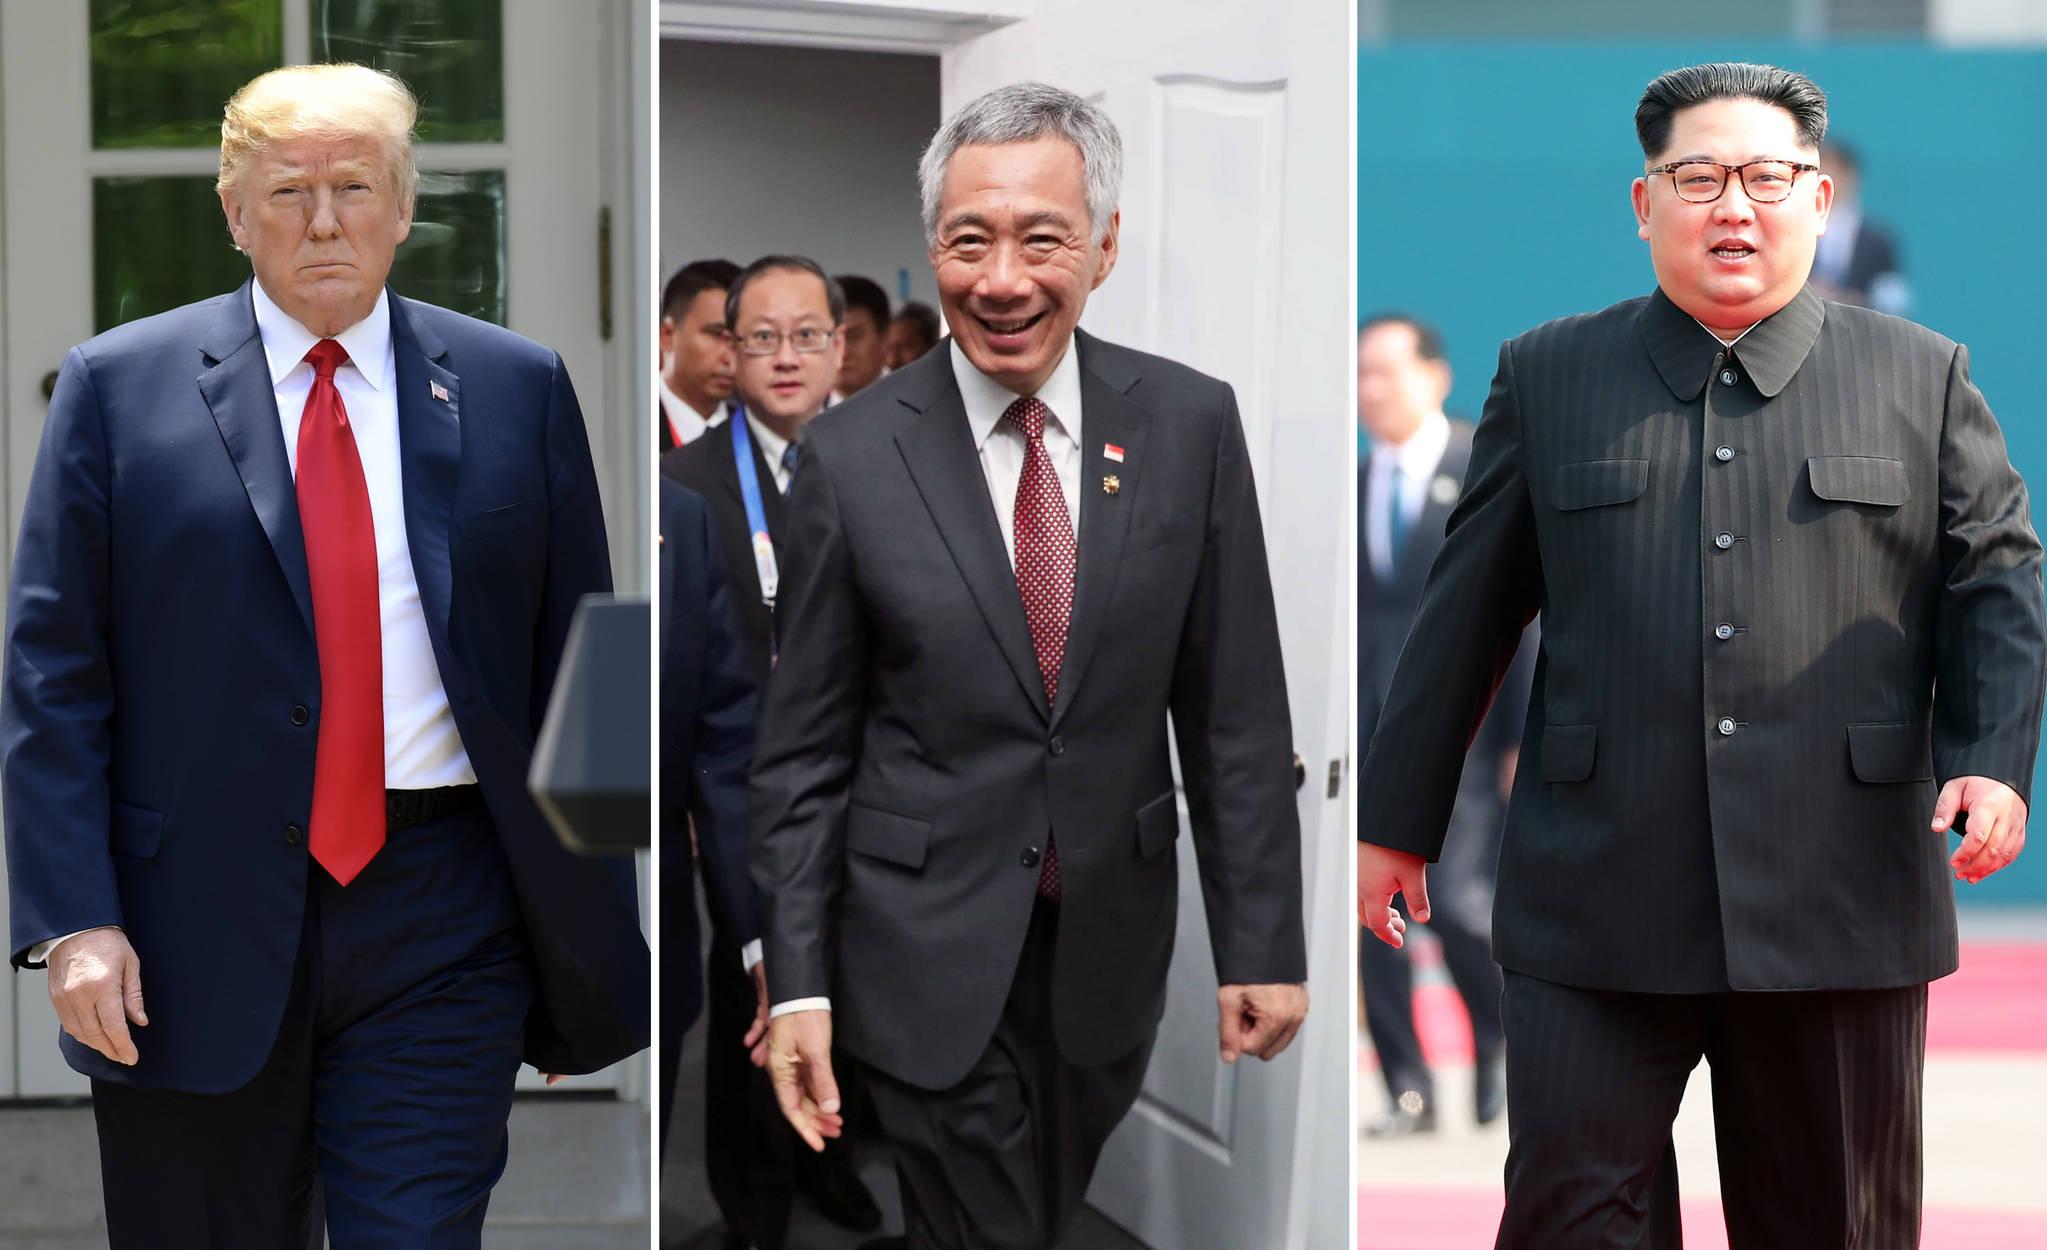 왼쪽부터 도널드 트럼프 미국 대통령, 리셴룽(李顯龍) 싱가포르 총리, 김정은 북한 국무위원장. 리 총리는 10일 김 위원장을 만났다. 11일에는 트럼프 대통령을 면담할 예정이다. [AP, 연합뉴스]